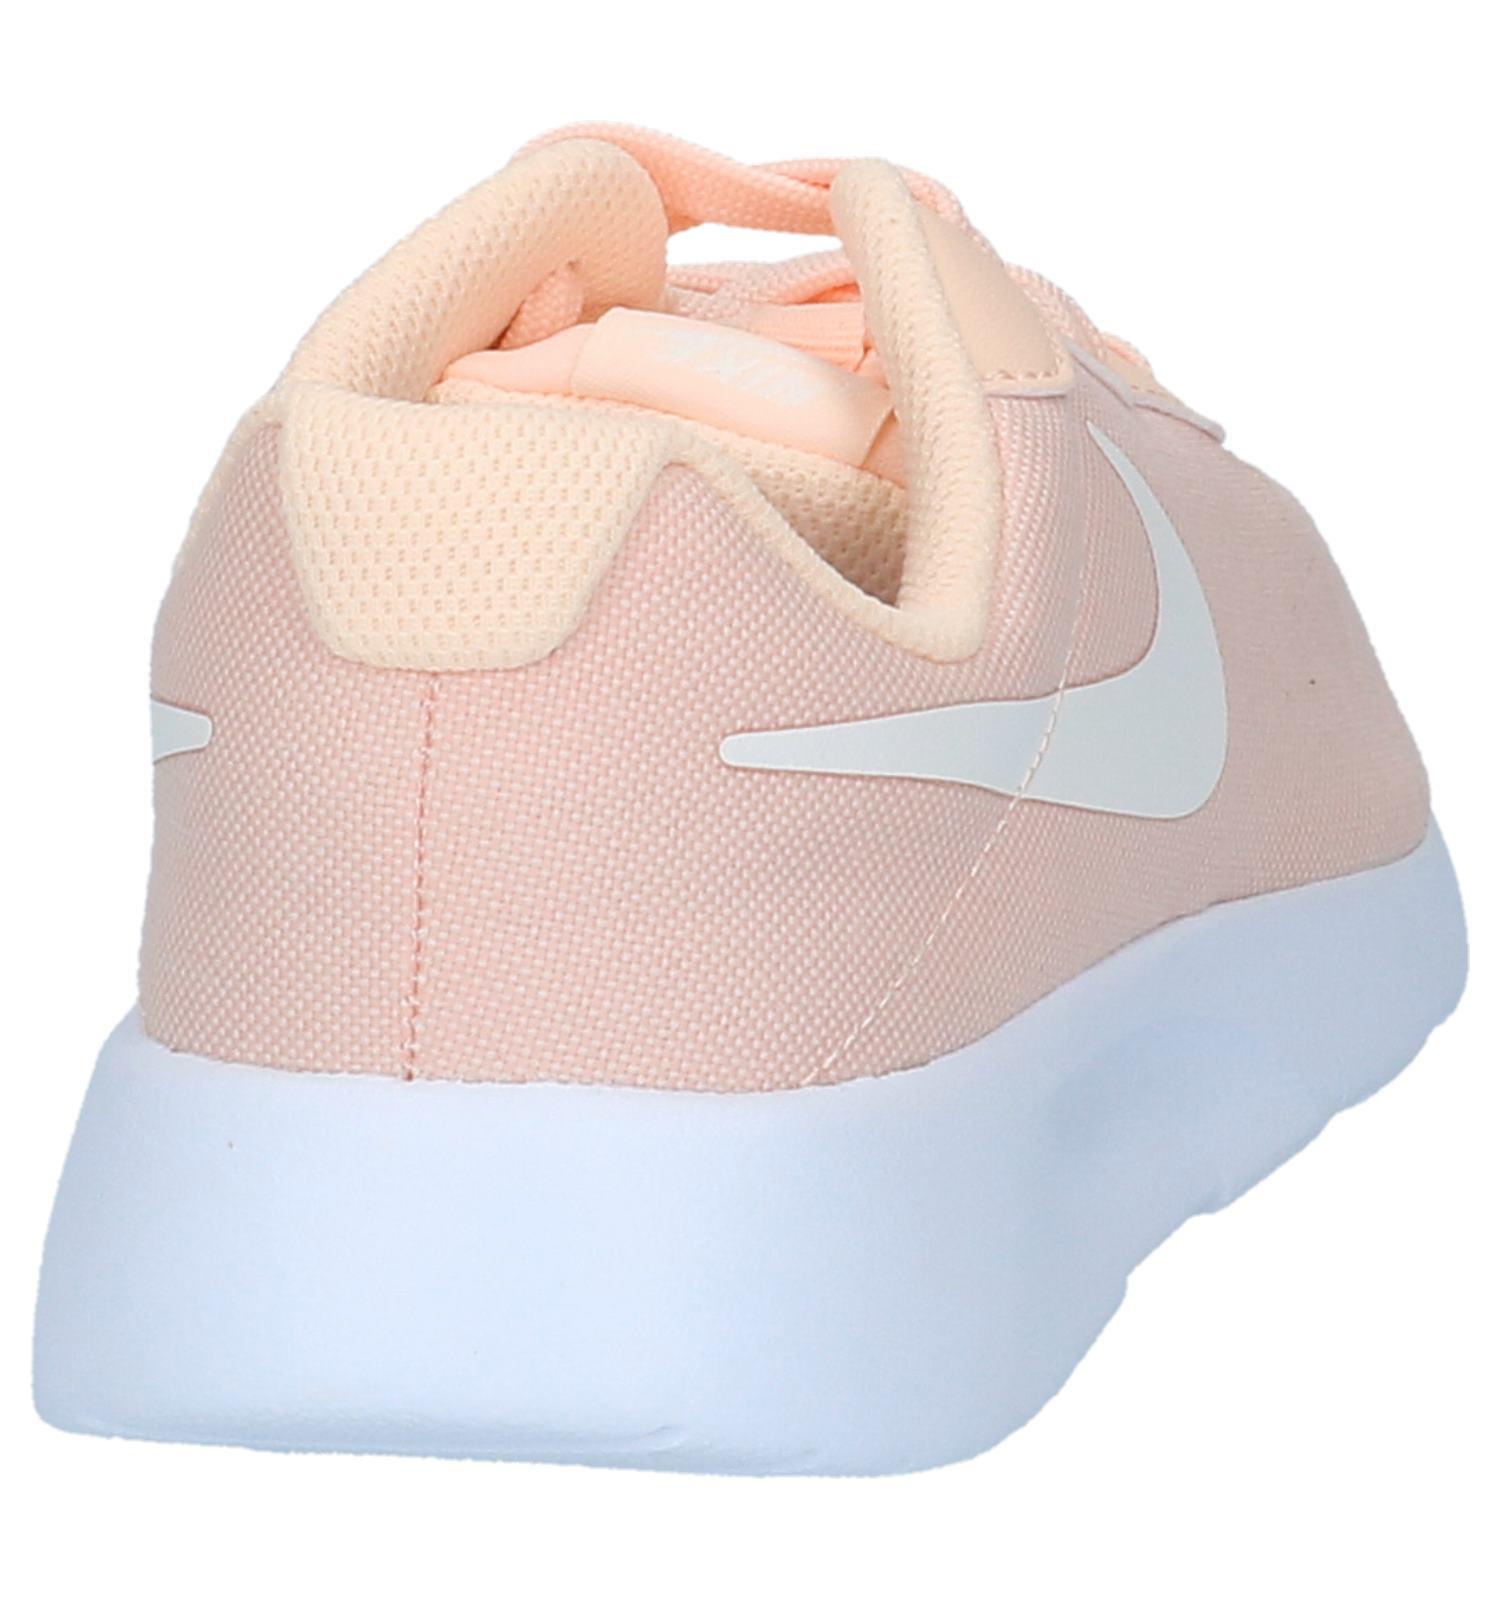 82ca85771e8 Sneakers Zalm Roze Nike Tanjun | TORFS.BE | Gratis verzend en retour